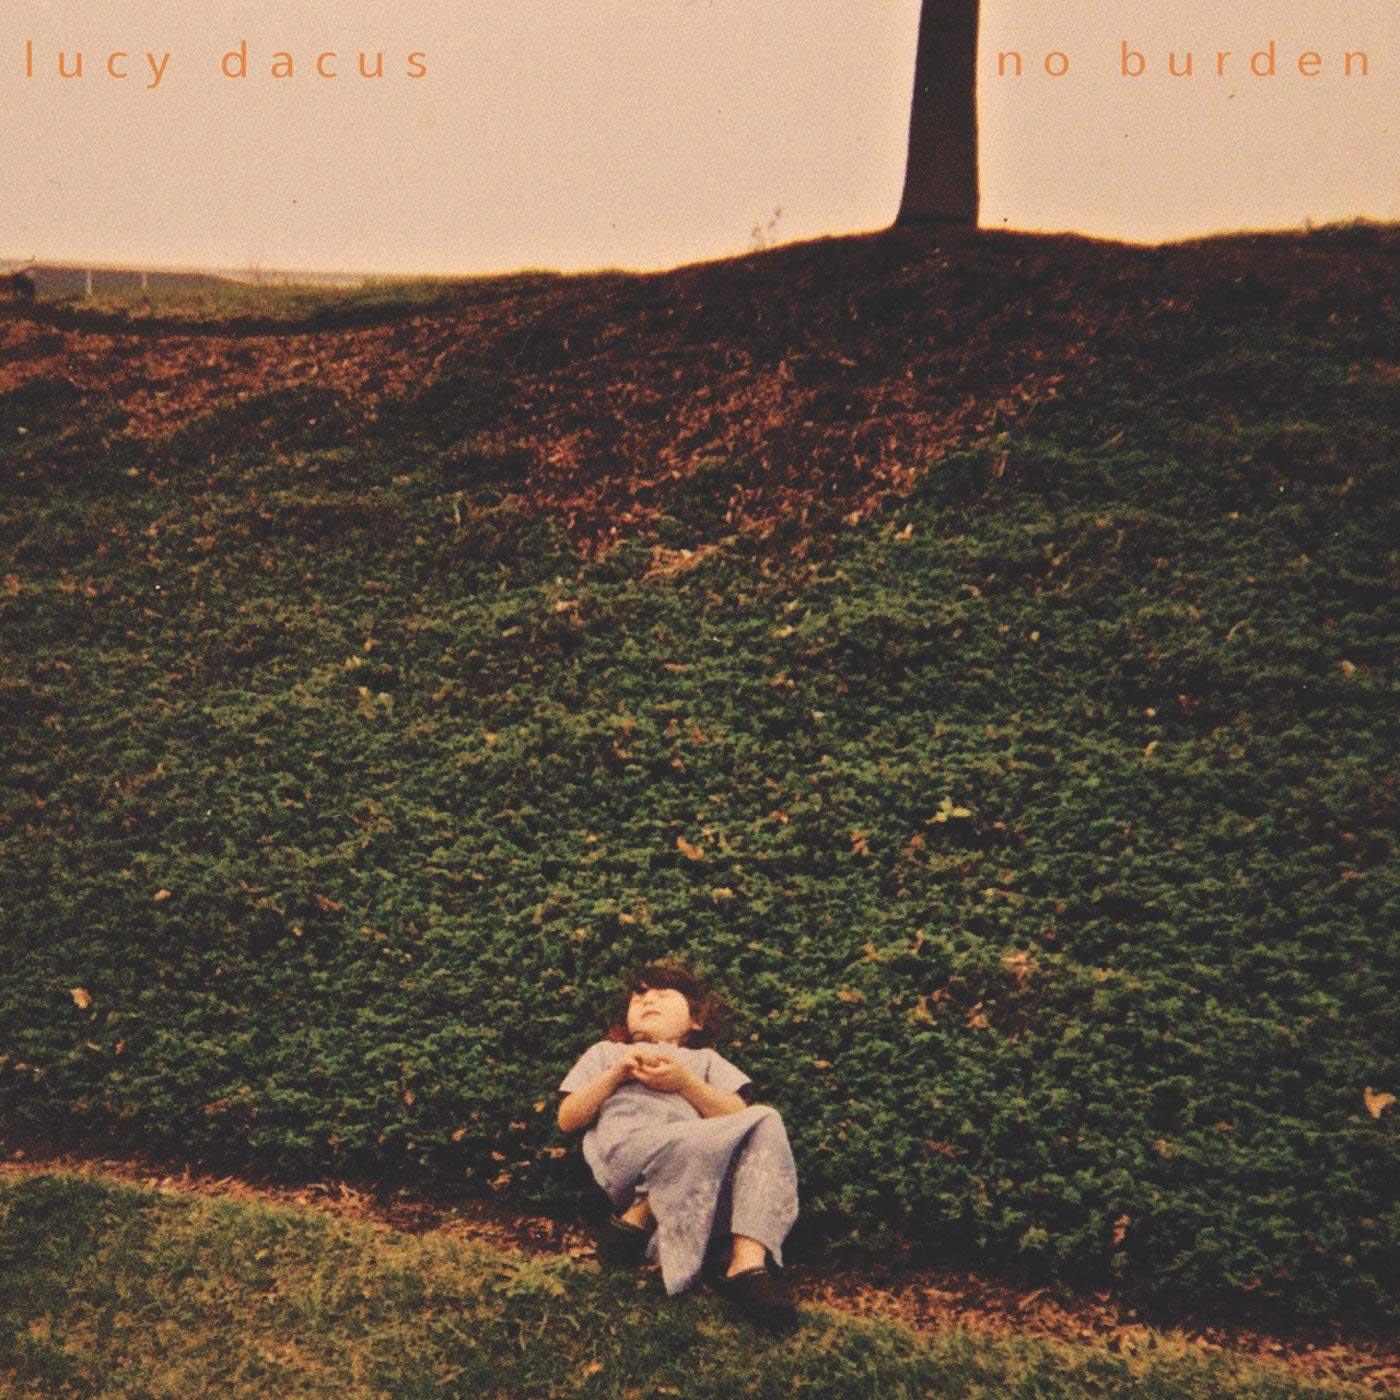 lucy_dacus-2016-no_burden